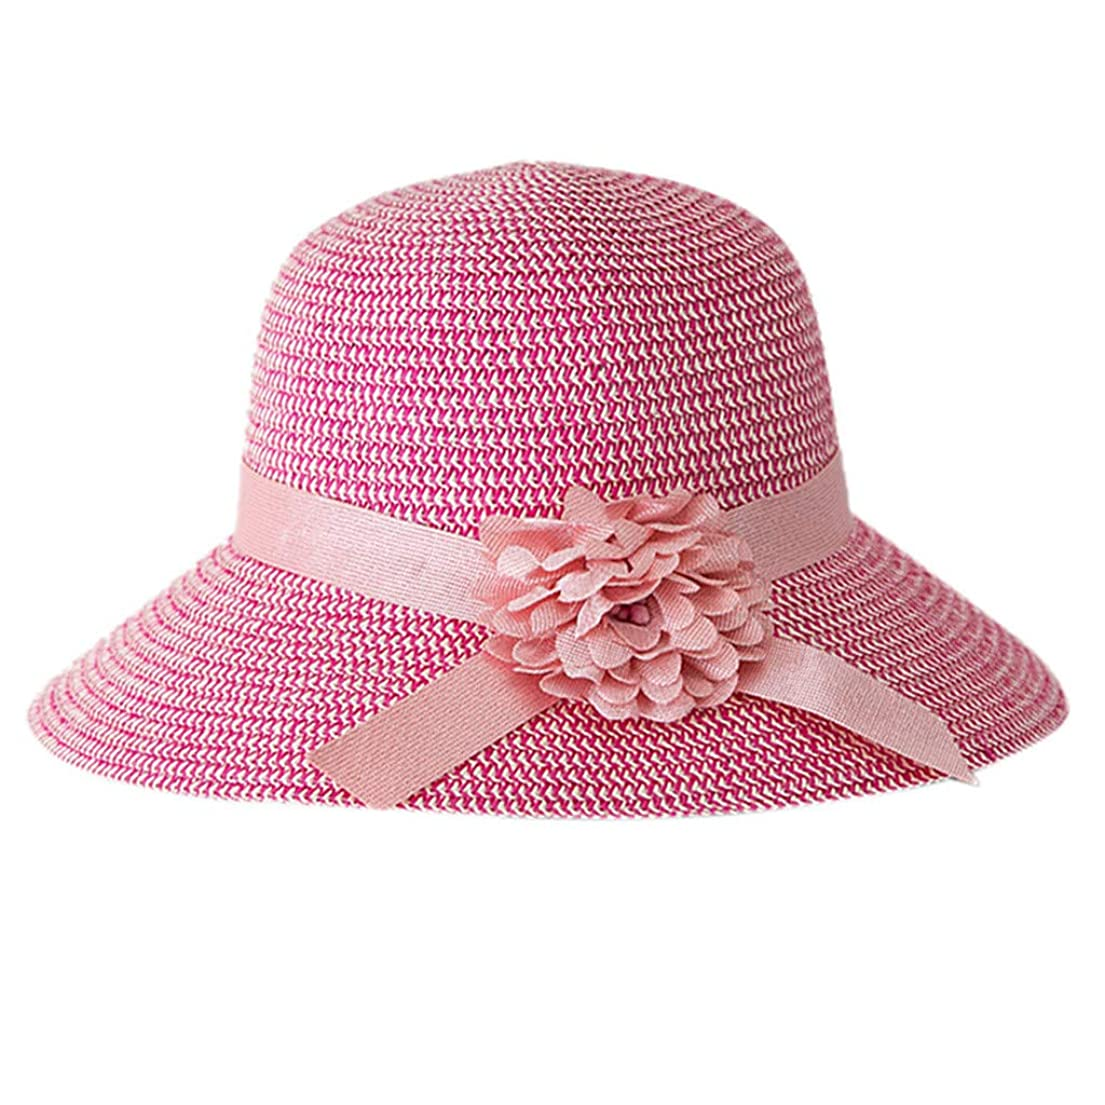 マオリバング香り日よけ帽子 レディース ハット 帽子 日よけ サンバイザー ウォーキング UVカット ハット 紫外線対策 可愛い 小顔効果抜群 大きいサイズ つば広 折りたたみ ハット レディース 夏 春 アウトドア 無地 花 ROSE ROMAN